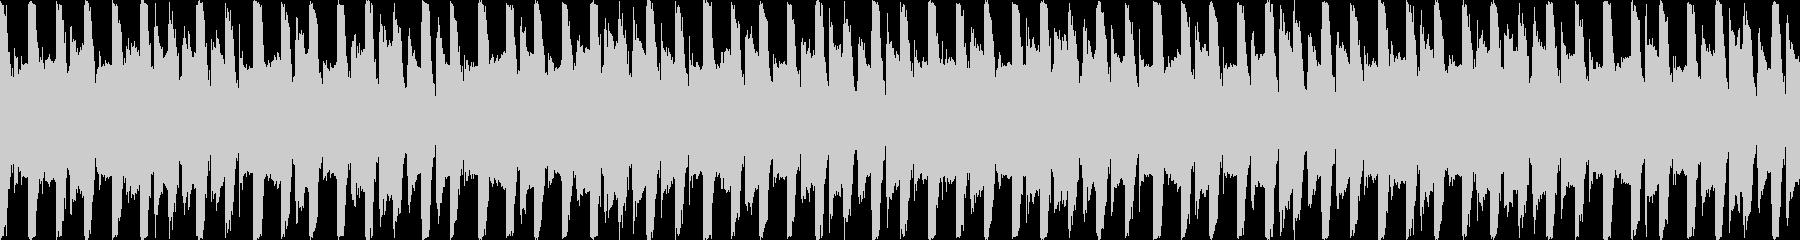 運動・フィットネス/30秒ループ曲4の未再生の波形